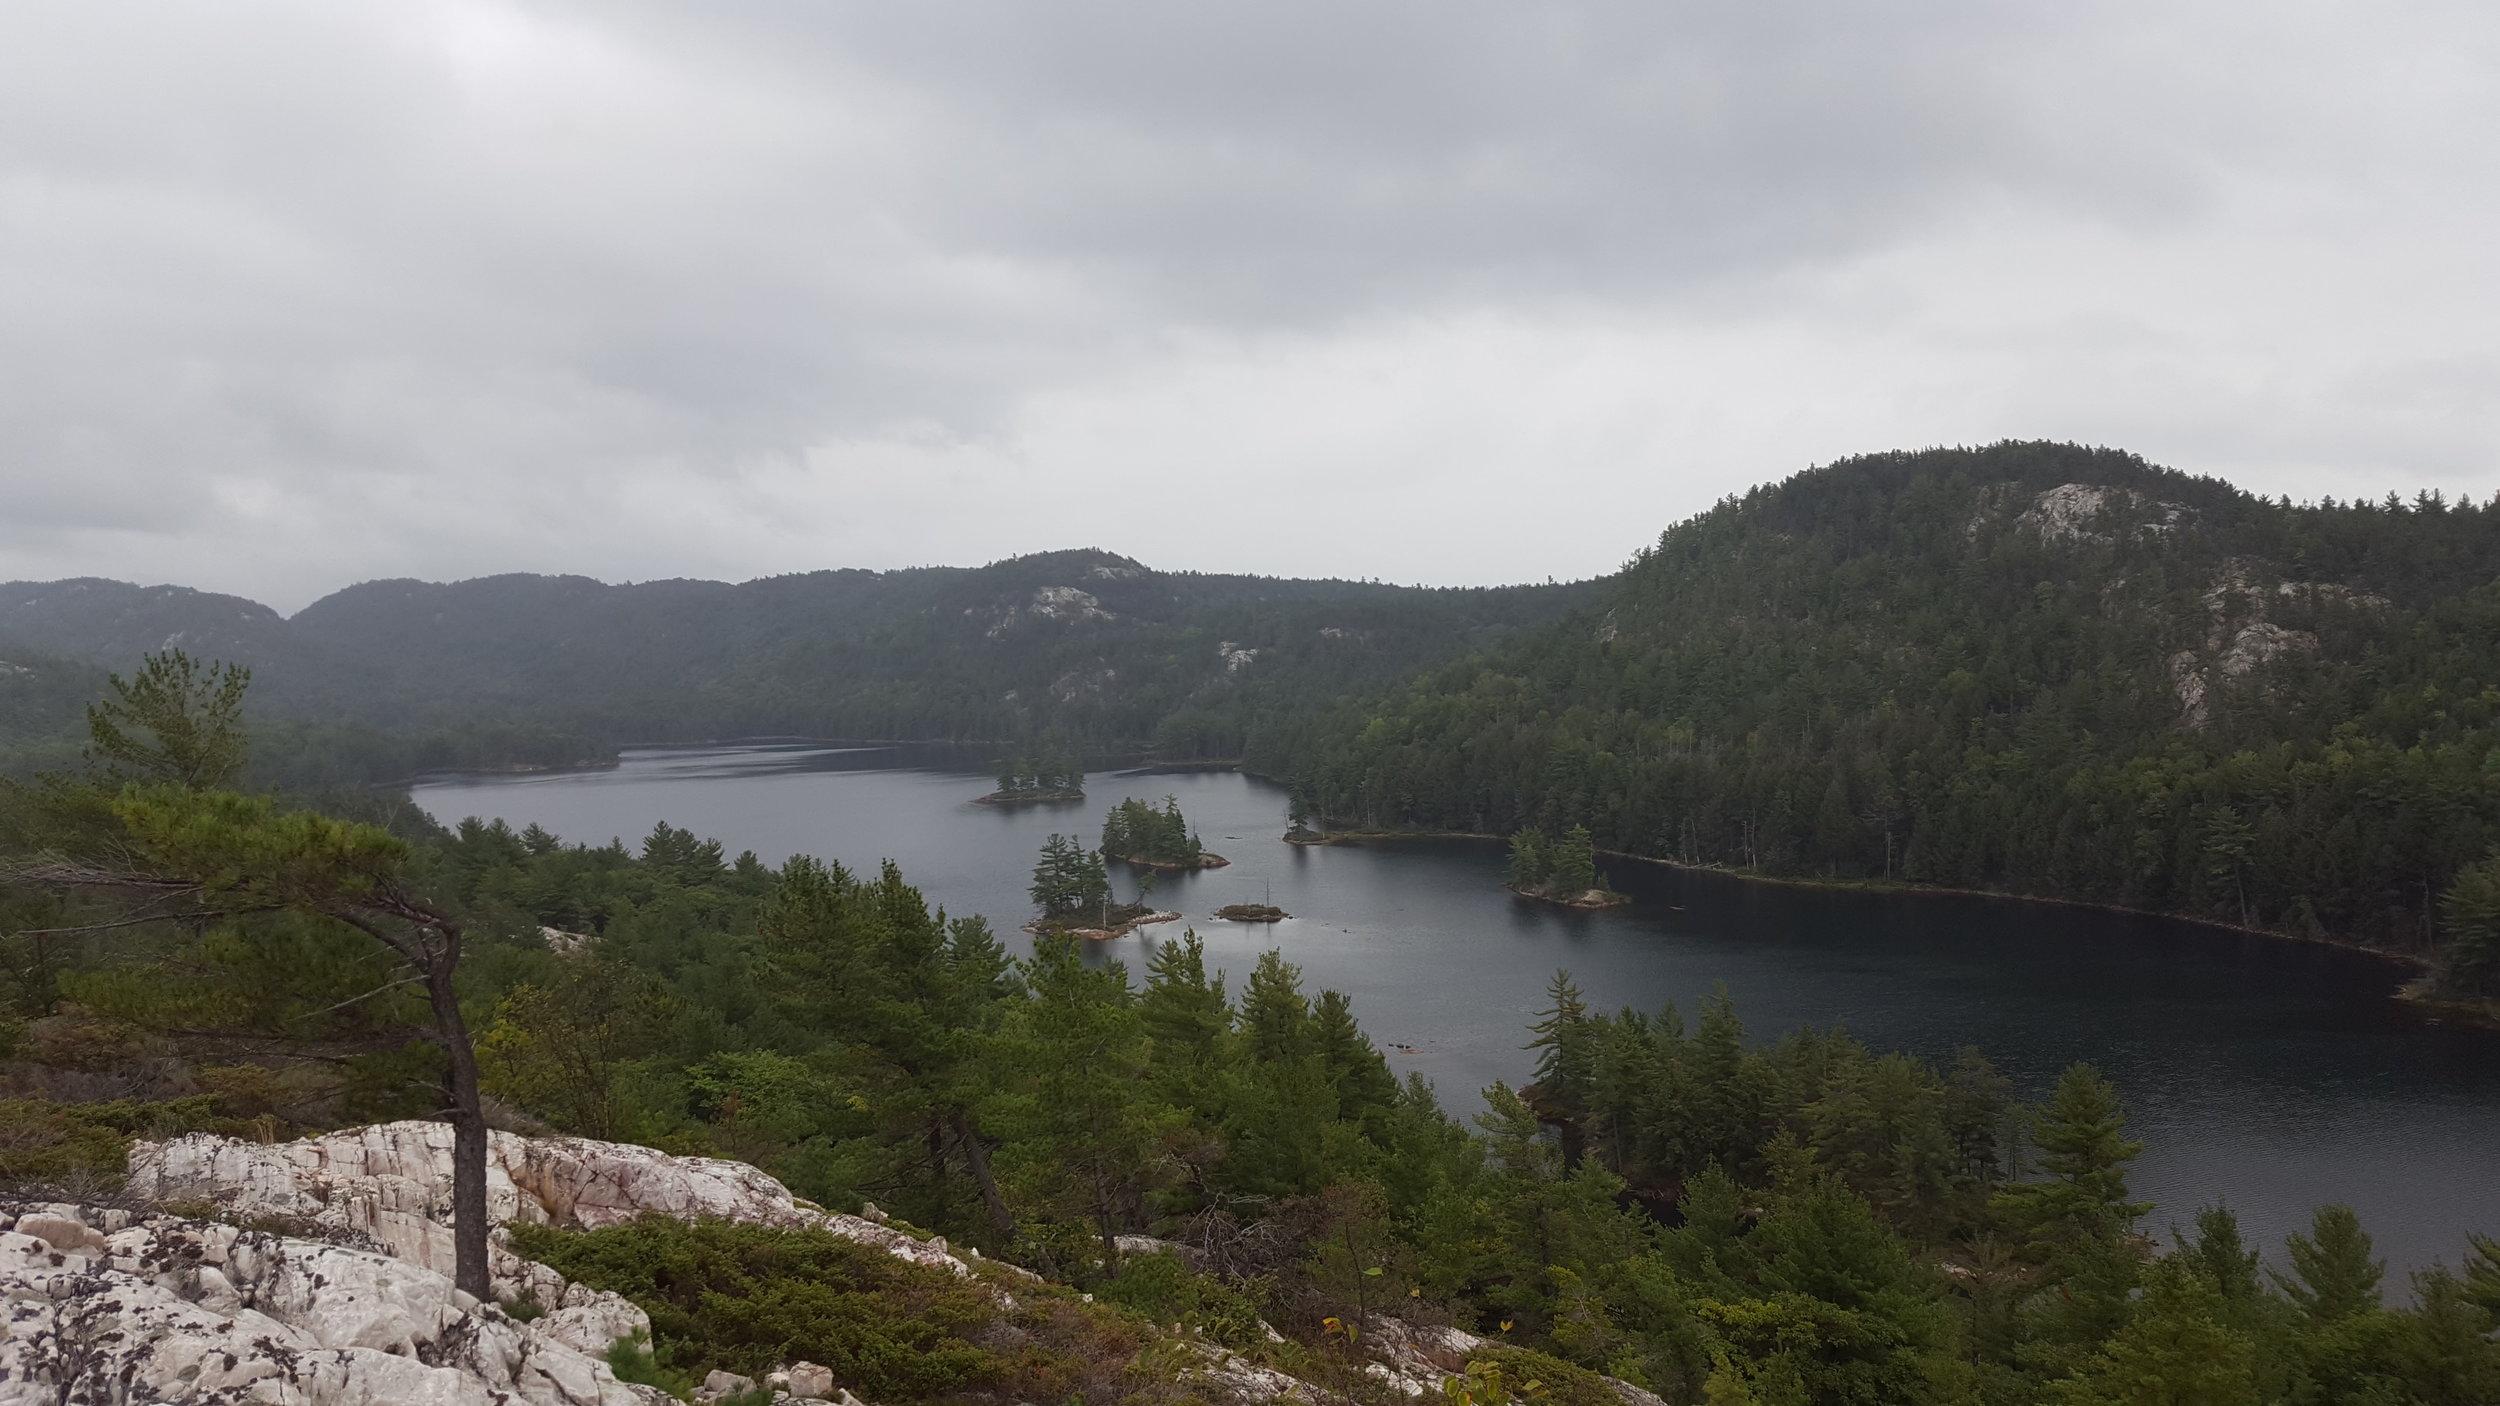 View of Grace Lake